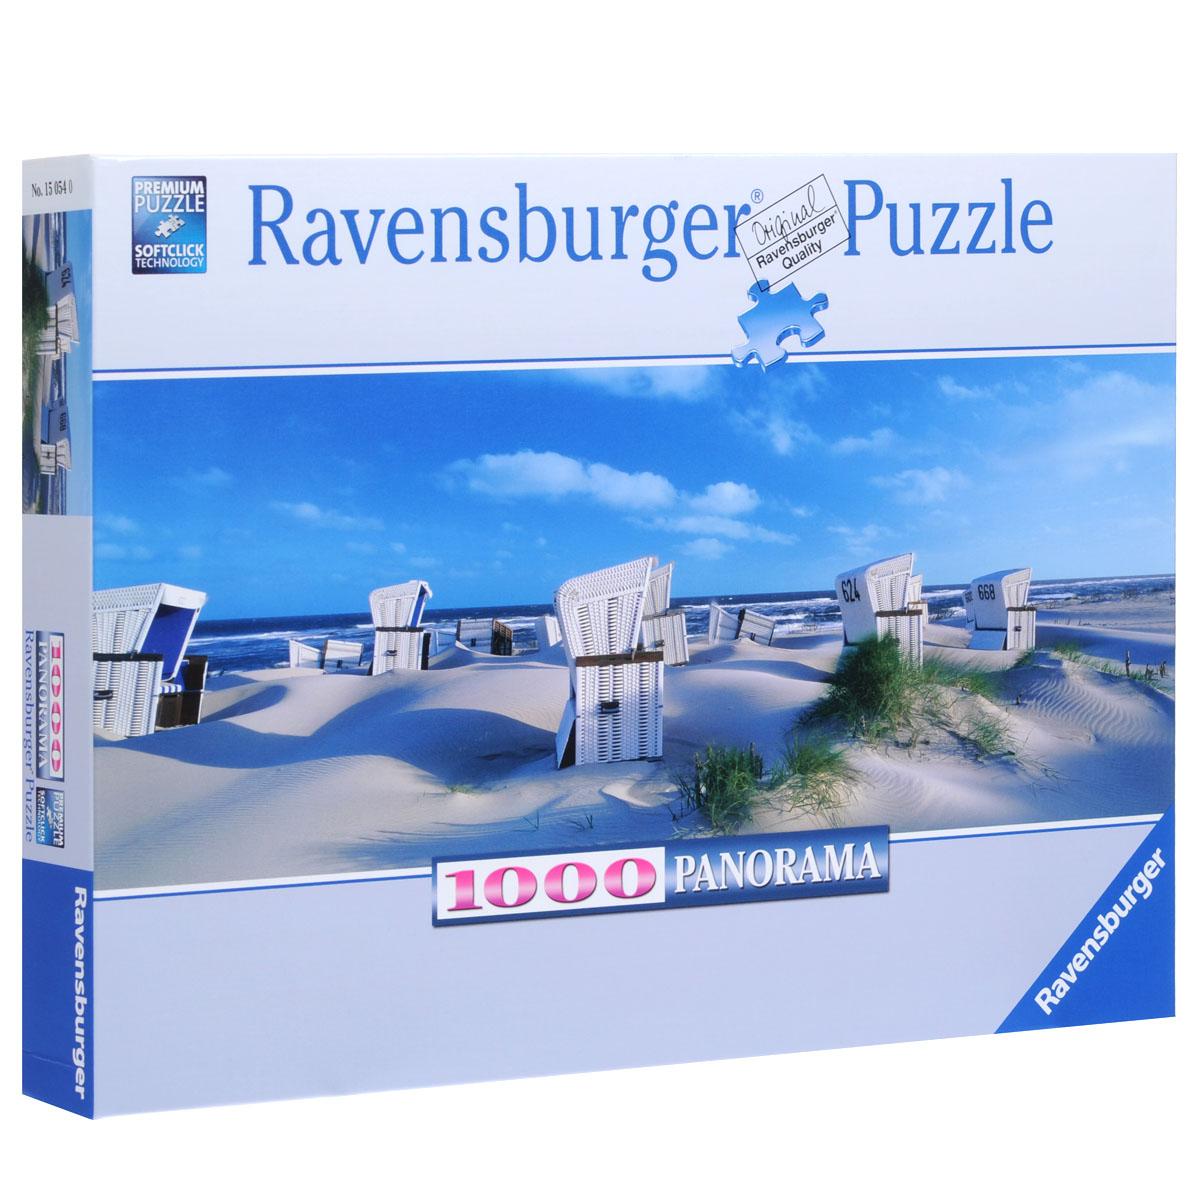 Ravensburger Пляжные корзинки на Зюльте. Пазл панорамный, 1000 элементов15054Панорамный пазл Ravensburger Пляжные корзинки на Зюльте, без сомнения, придется по душе вам и вашему ребенку. Собрав этот пазл, включающий в себя 1000 элементов, вы получите великолепную панораму на острове Зюльт. Зюлт - это остров в Балтийском море, к северу от Германии. Он знаменит своими необыкновенными пляжами. На картинке изображены пляжные корзинки, в которых люди загорают во время отдыха. Пазл изготовлен по технологии Softclick, которая гарантирует 100% блокировку механизма. Каждая деталь имеет свою форму и подходит только на своё место. Нет двух одинаковых деталей! Пазл изготовлен из картона высочайшего качества. Все изображения аккуратно отсканированы и напечатаны на ламинированной бумаге. Пазл - великолепная игра для семейного досуга. Сегодня собирание пазлов стало особенно популярным, главным образом, благодаря своей многообразной тематике, способной удовлетворить самый взыскательный вкус. А для детей это не только интересно, но и полезно. Собирание пазла...